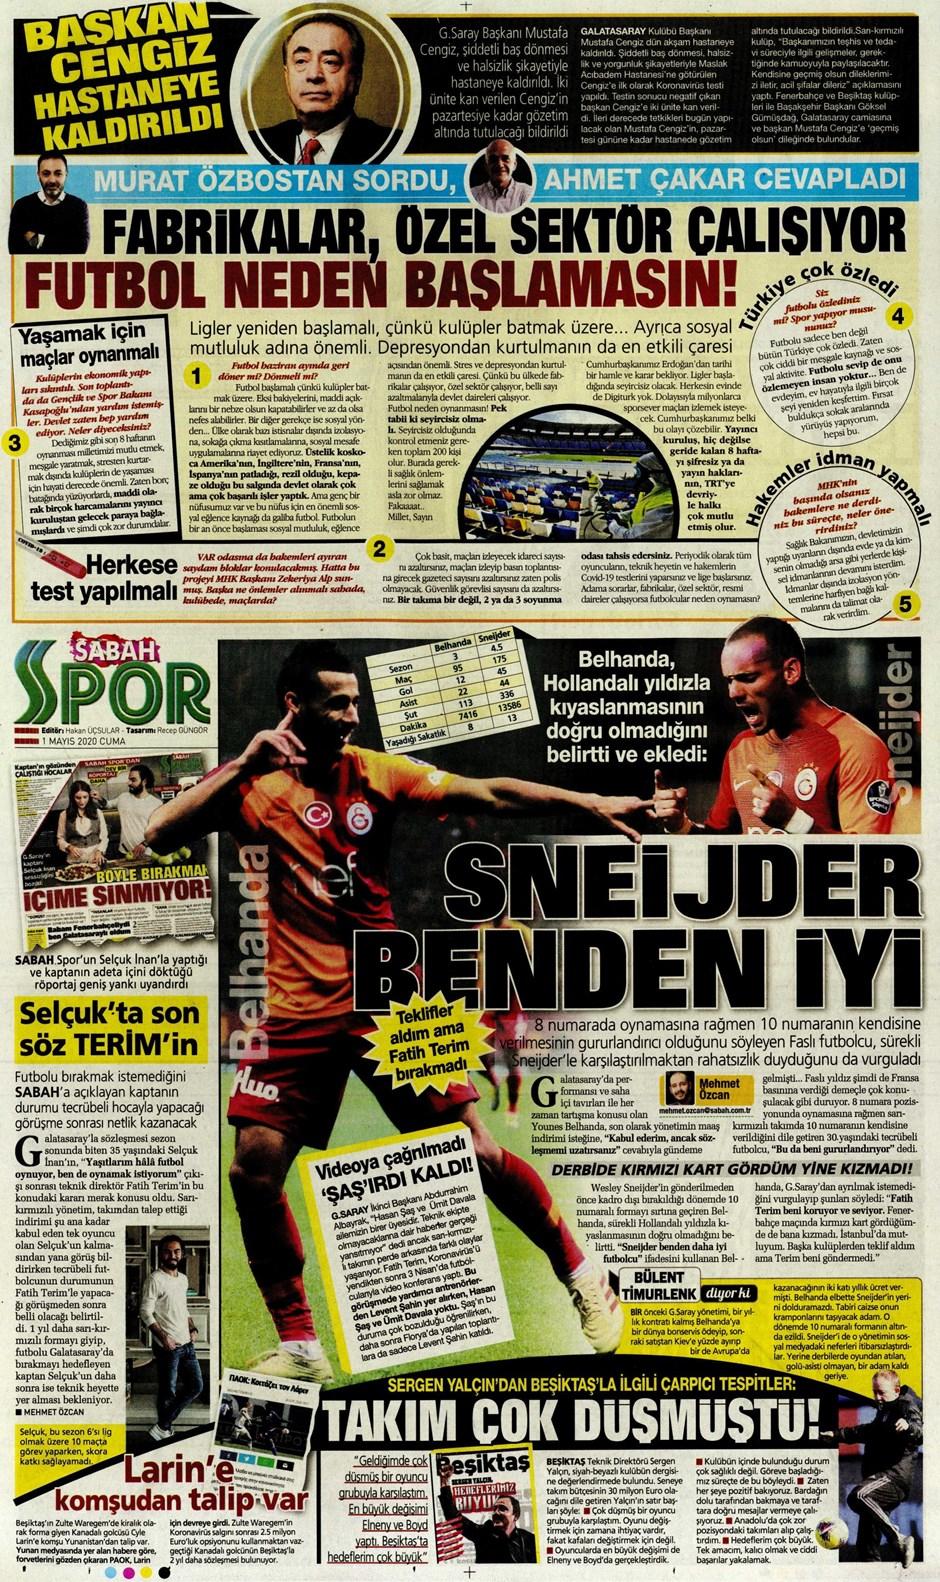 İşte 1 Mayıs günün spor manşetleri! Haftanın önemli spor gelişmeleri 1